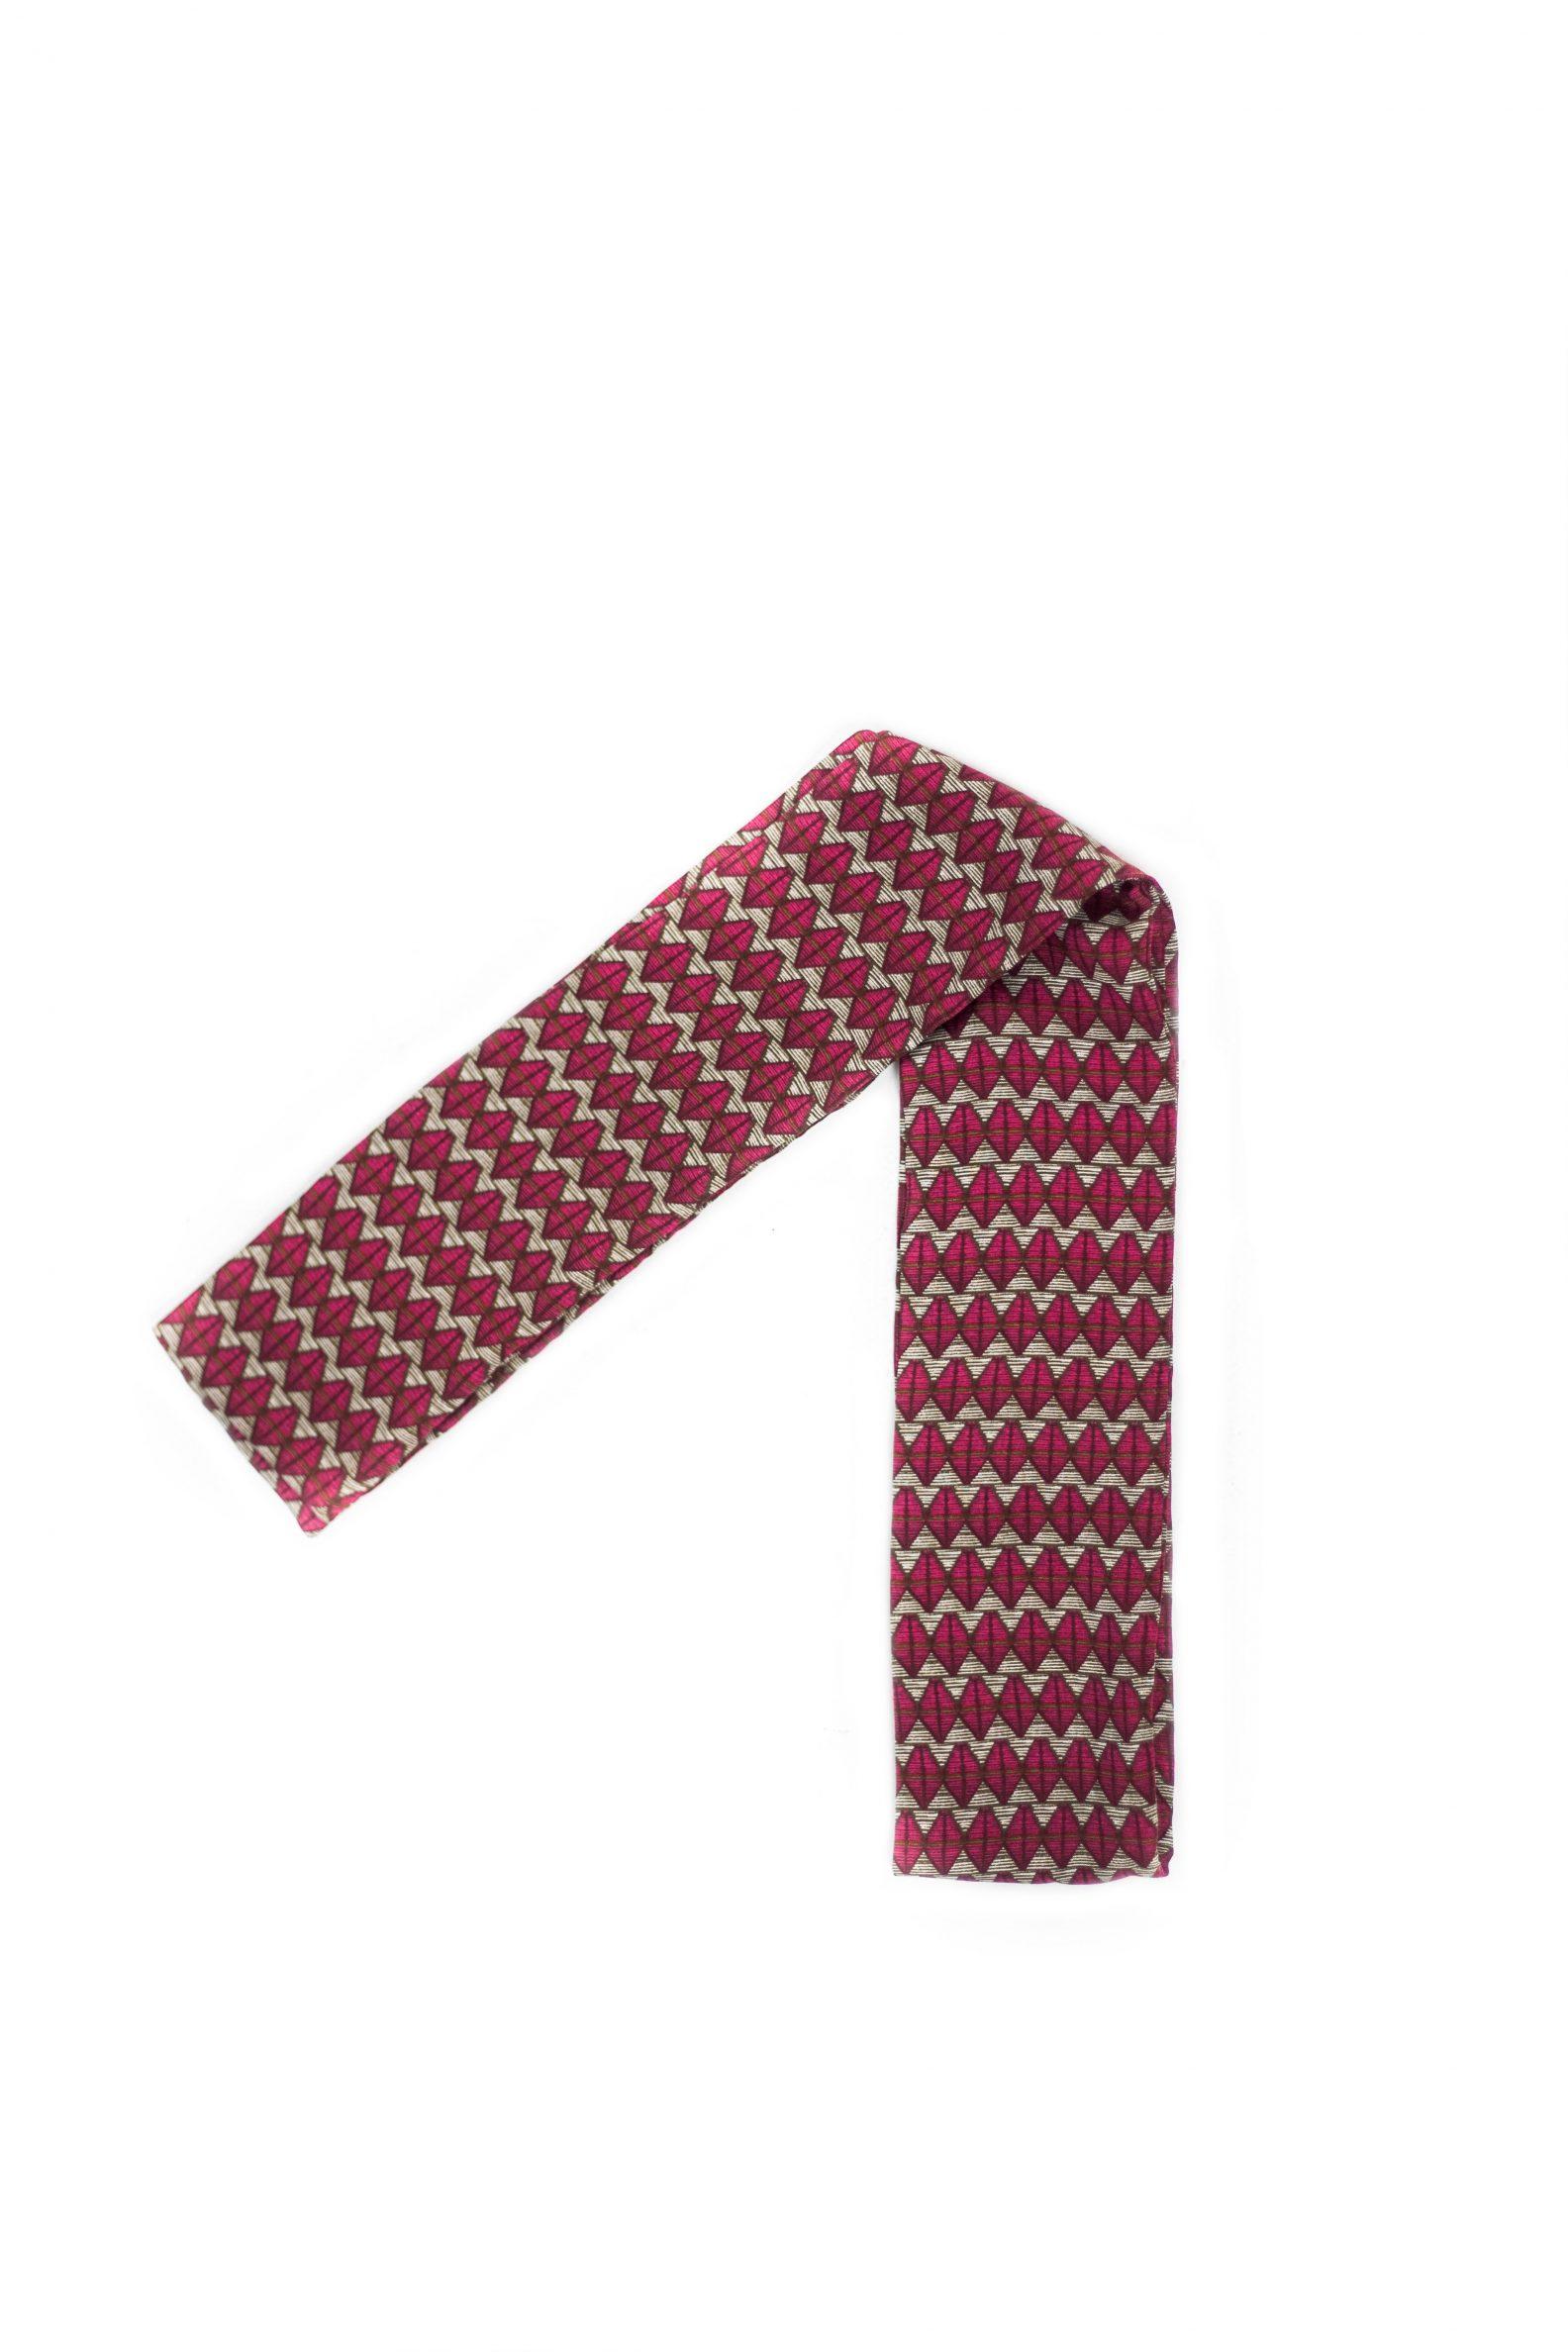 1-foulard-ucycling-affaires-etrangeres-artisanat-label-fabrique-a-paris